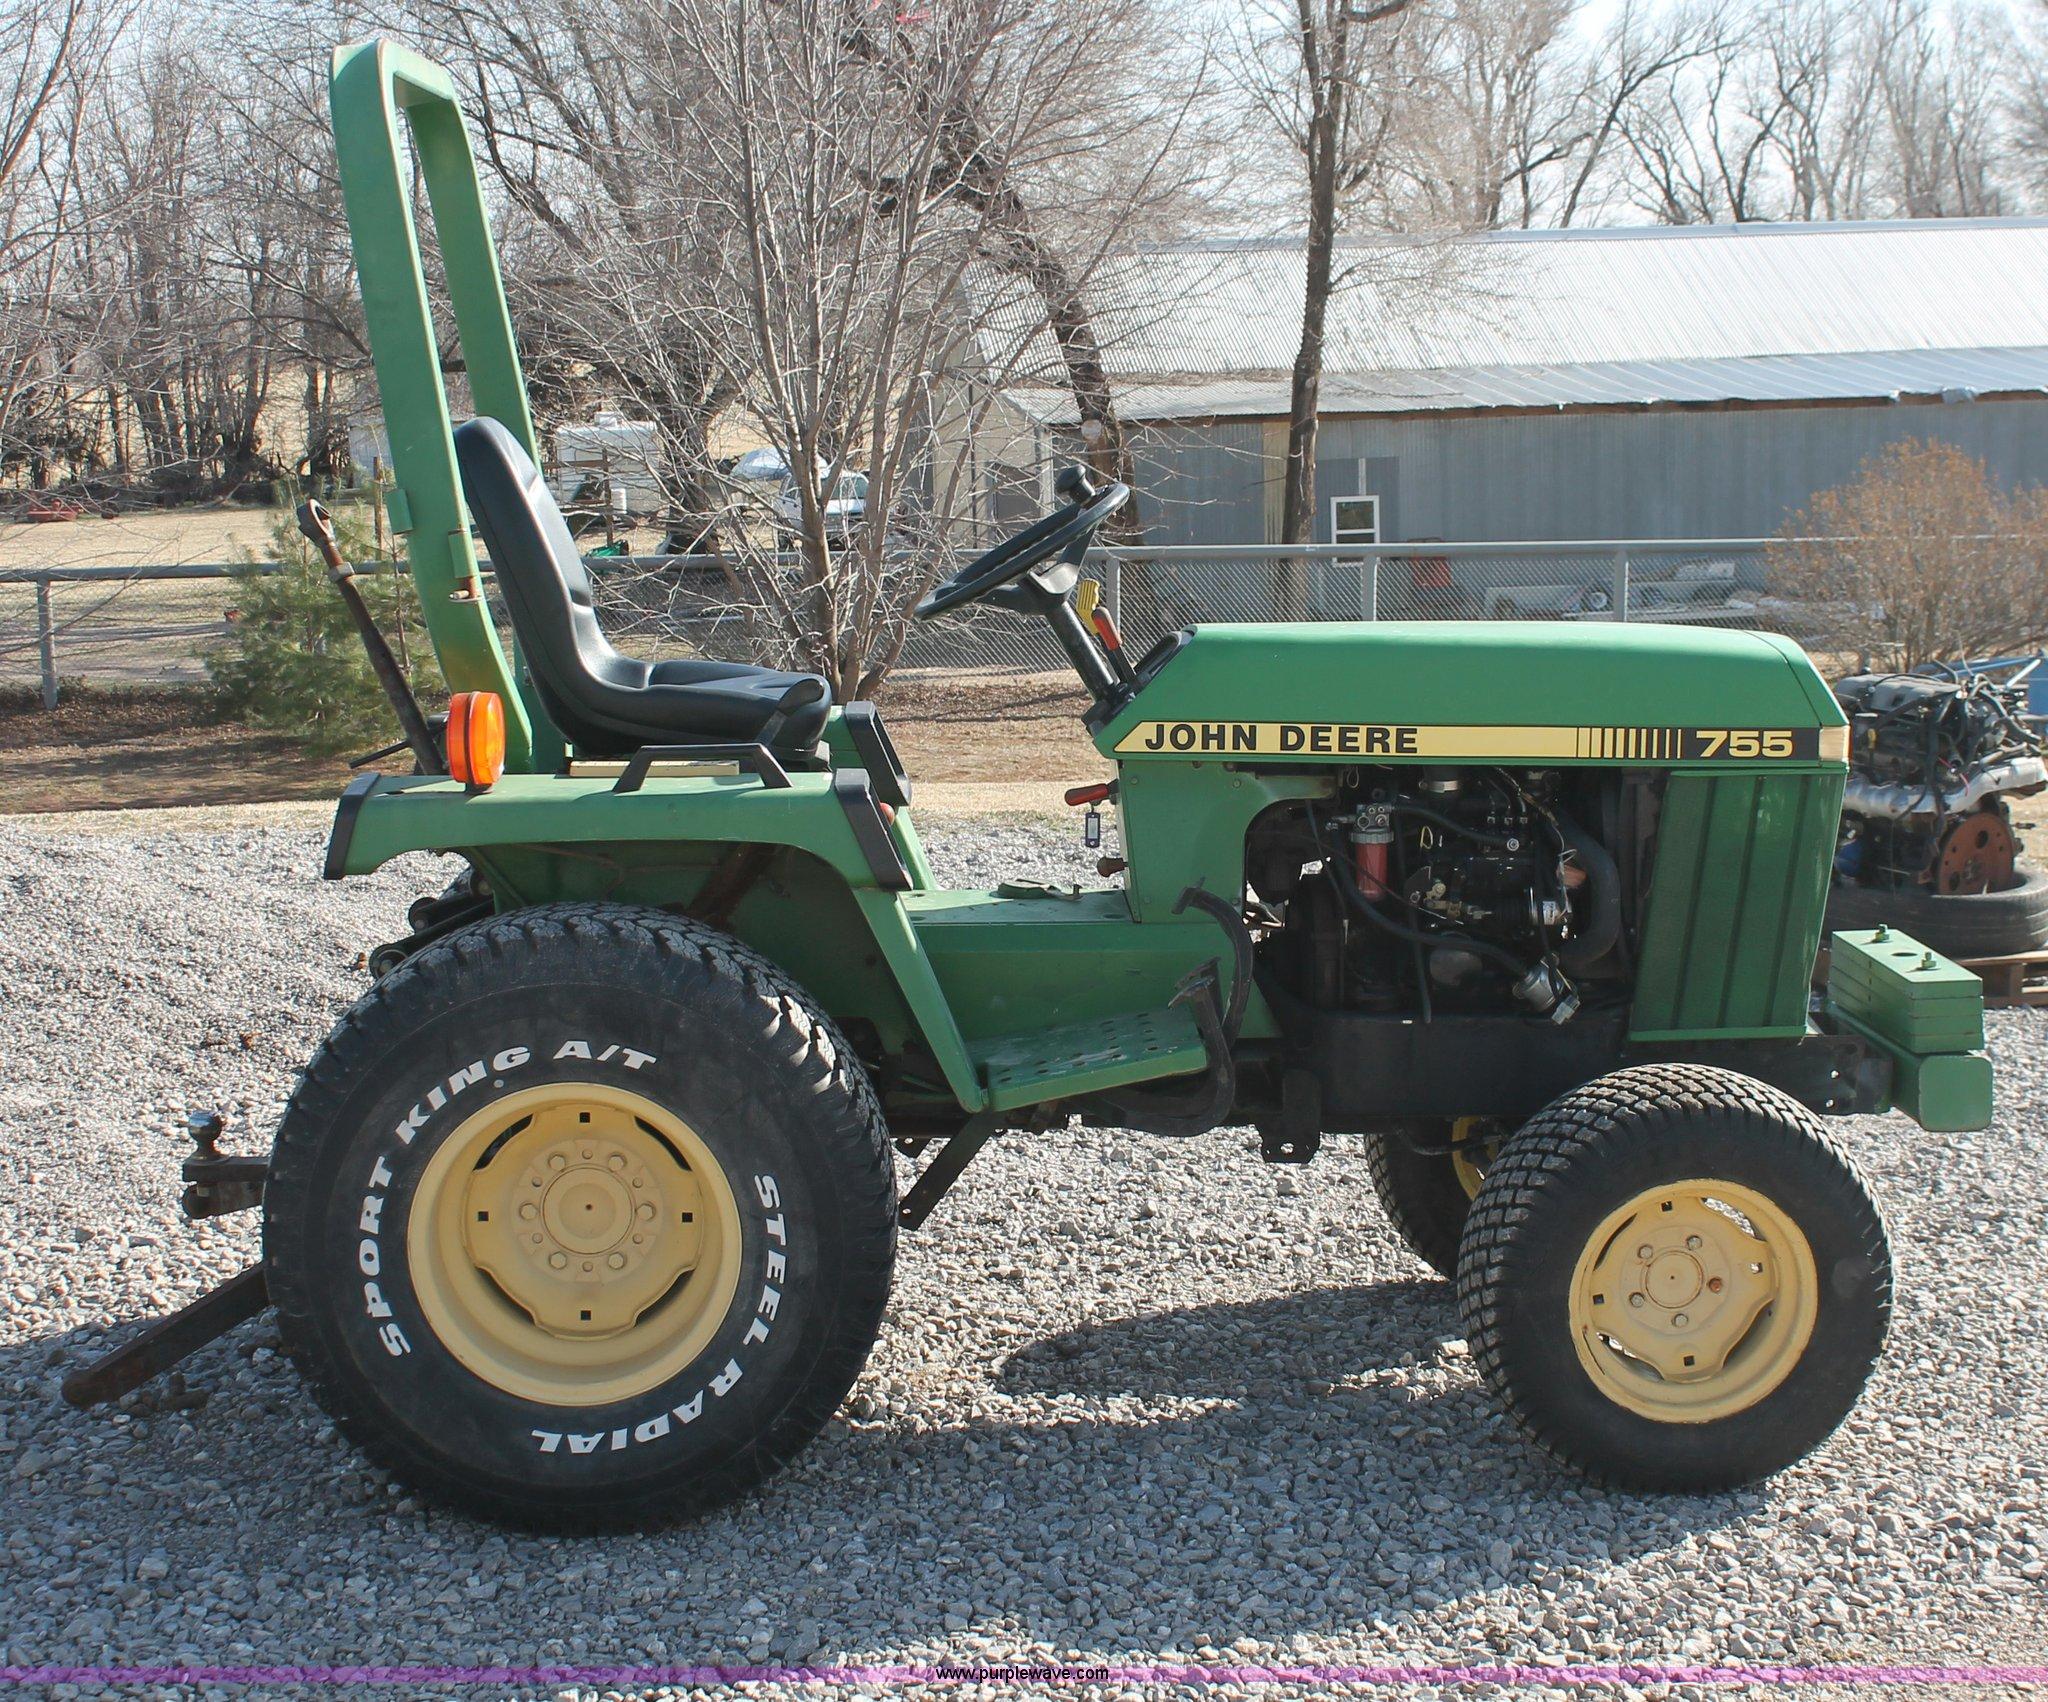 1988 john deere 755 mfwd tractor item ao9487 sold. Black Bedroom Furniture Sets. Home Design Ideas